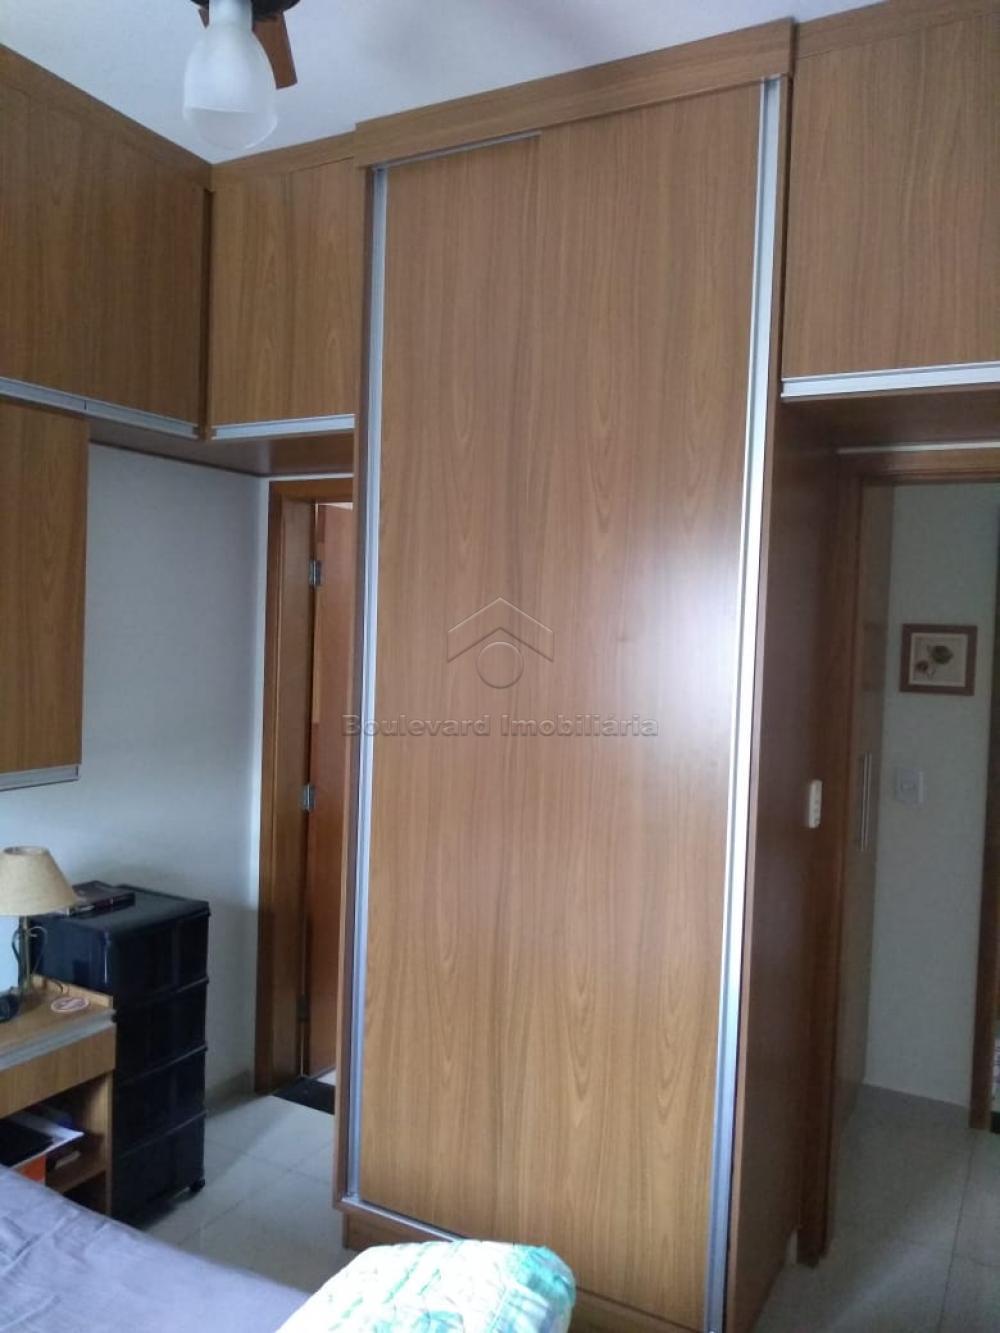 Comprar Apartamento / Padrão em Ribeirão Preto R$ 257.000,00 - Foto 10